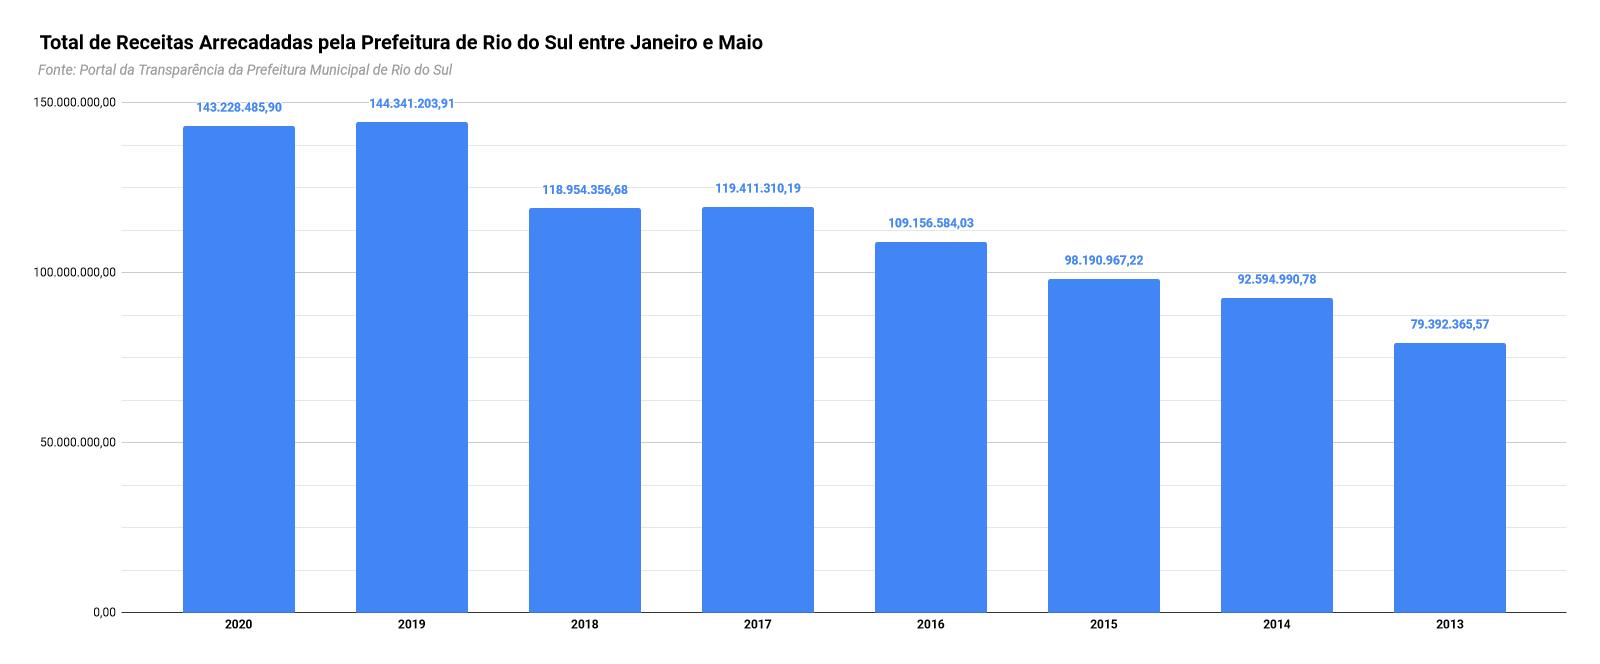 Gráfico das receitas arrecadados pela Prefeitura de Rio do Sul entre janeiro e maio